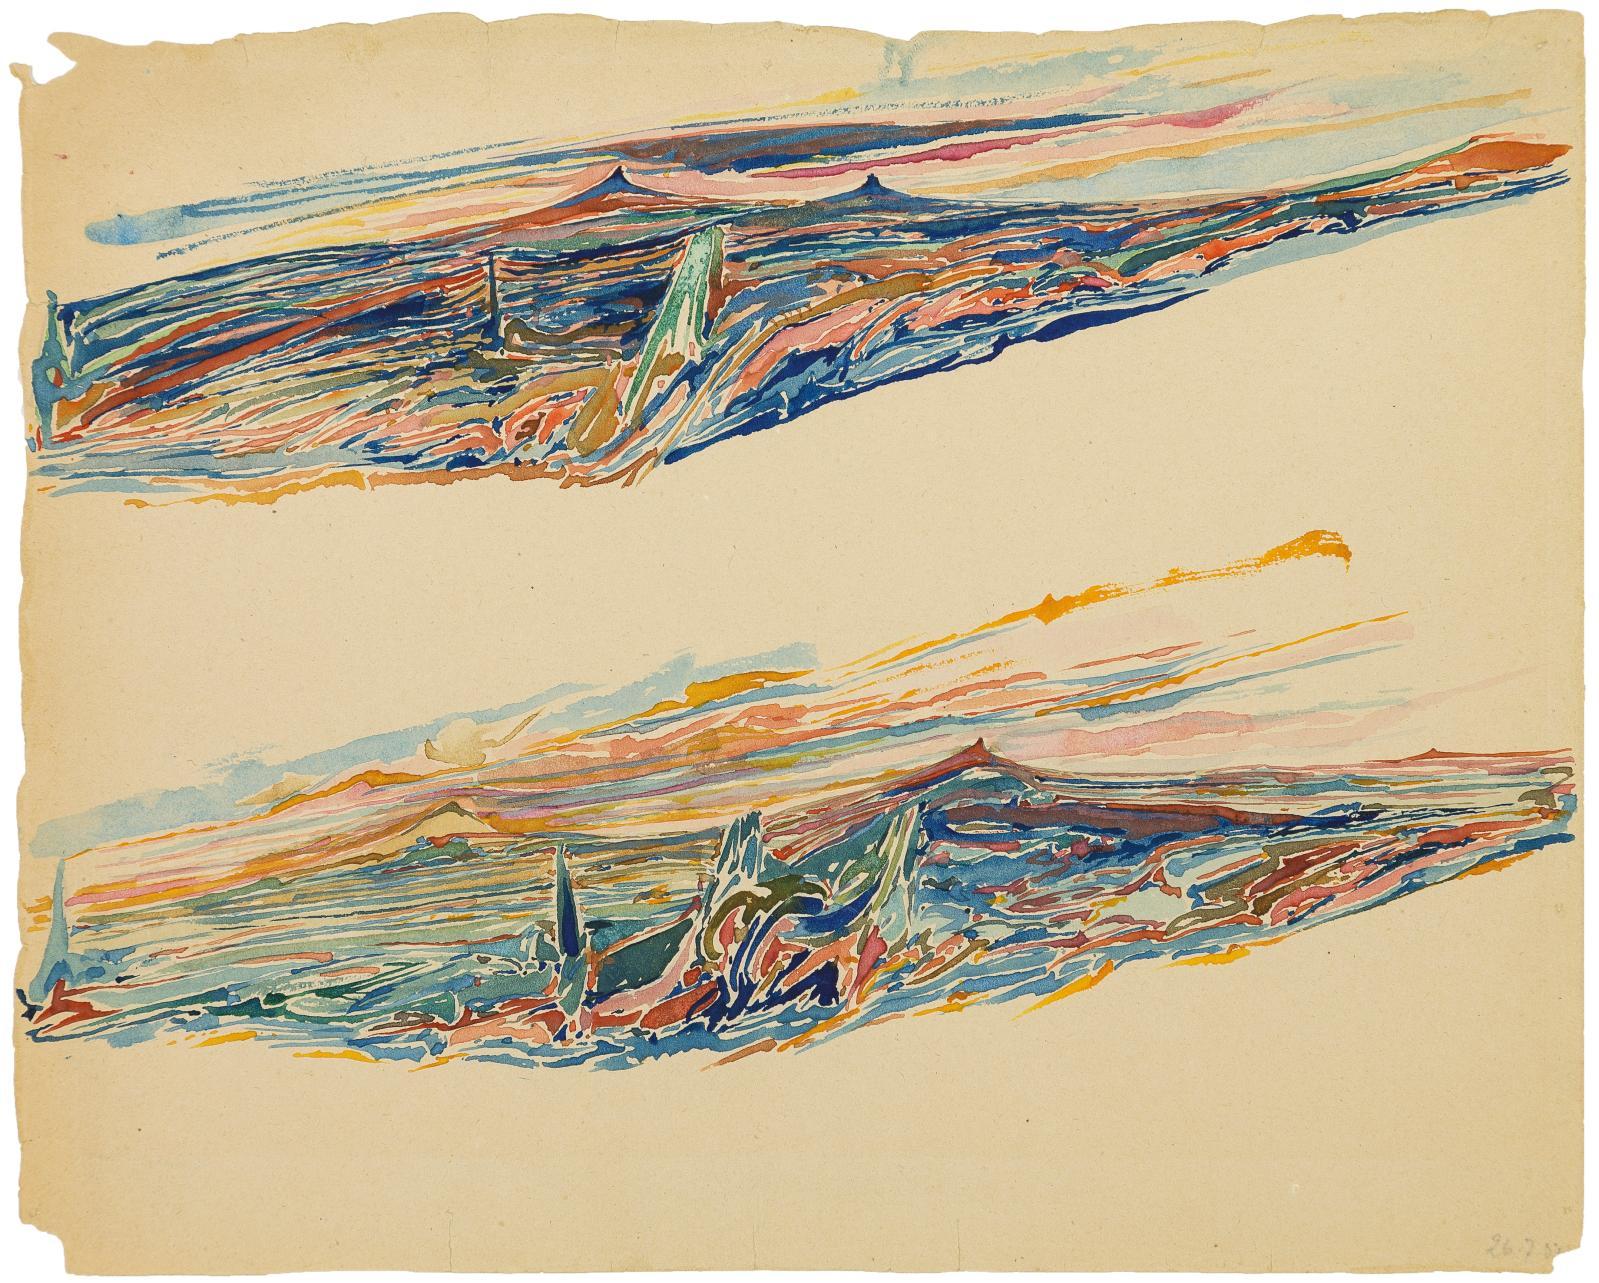 Gilbert Legube, Sans titre,26juillet1950 (?), aquarelle sur papier, 23 x 28,4 cm, Centre d'étude de l'expression, MAHHSA, musée d'Art et d'Histoire